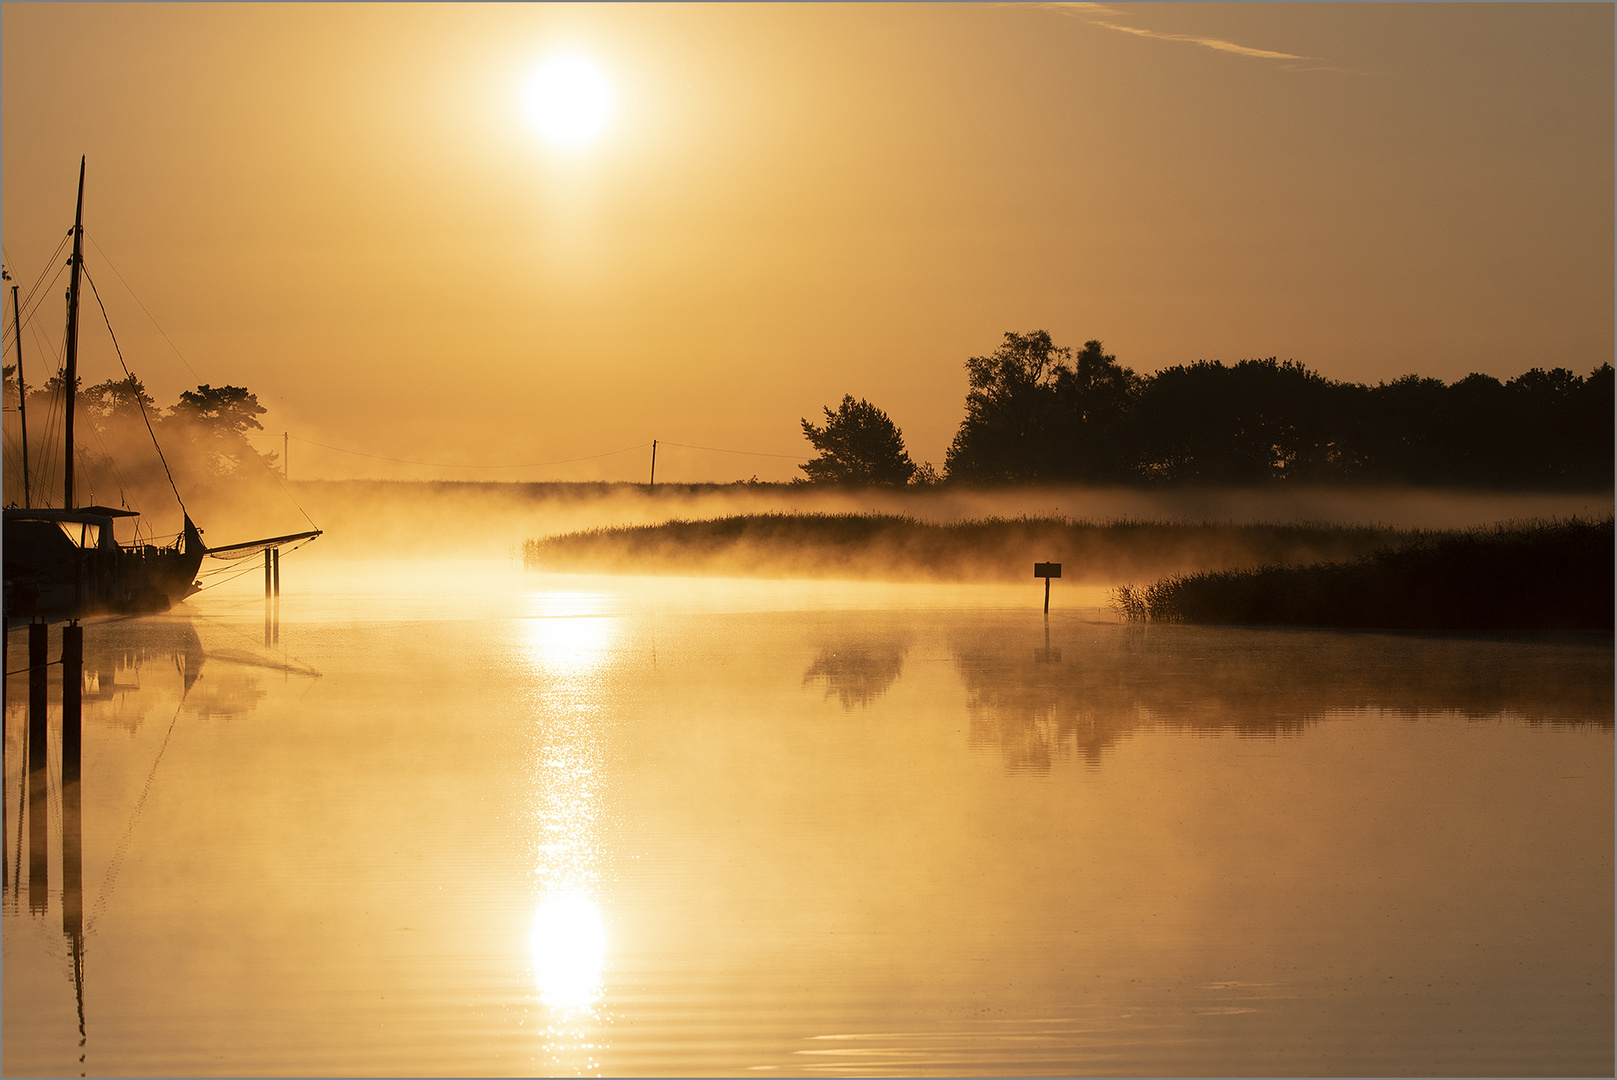 Prerow-Strom im morgentlichen Nebel